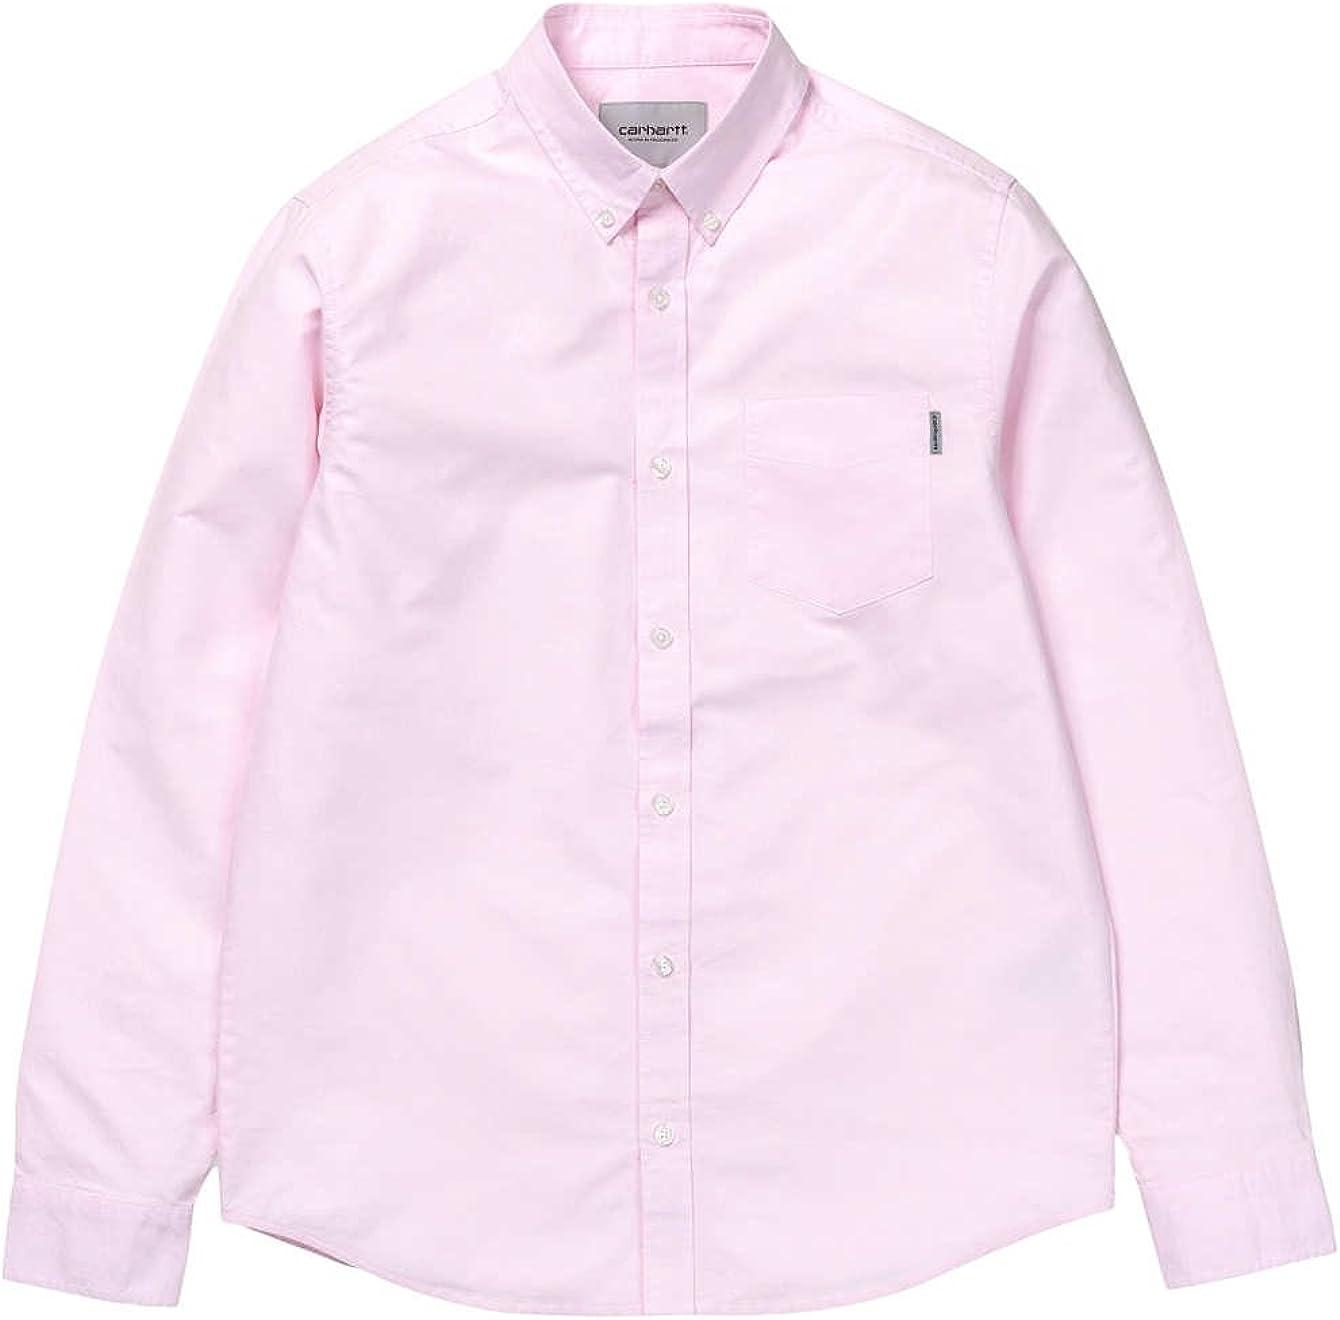 Carhartt WIP Hombre Botón de ajuste delgado abajo bolsillo de la camisa, Rosado, X-Large: Amazon.es: Ropa y accesorios